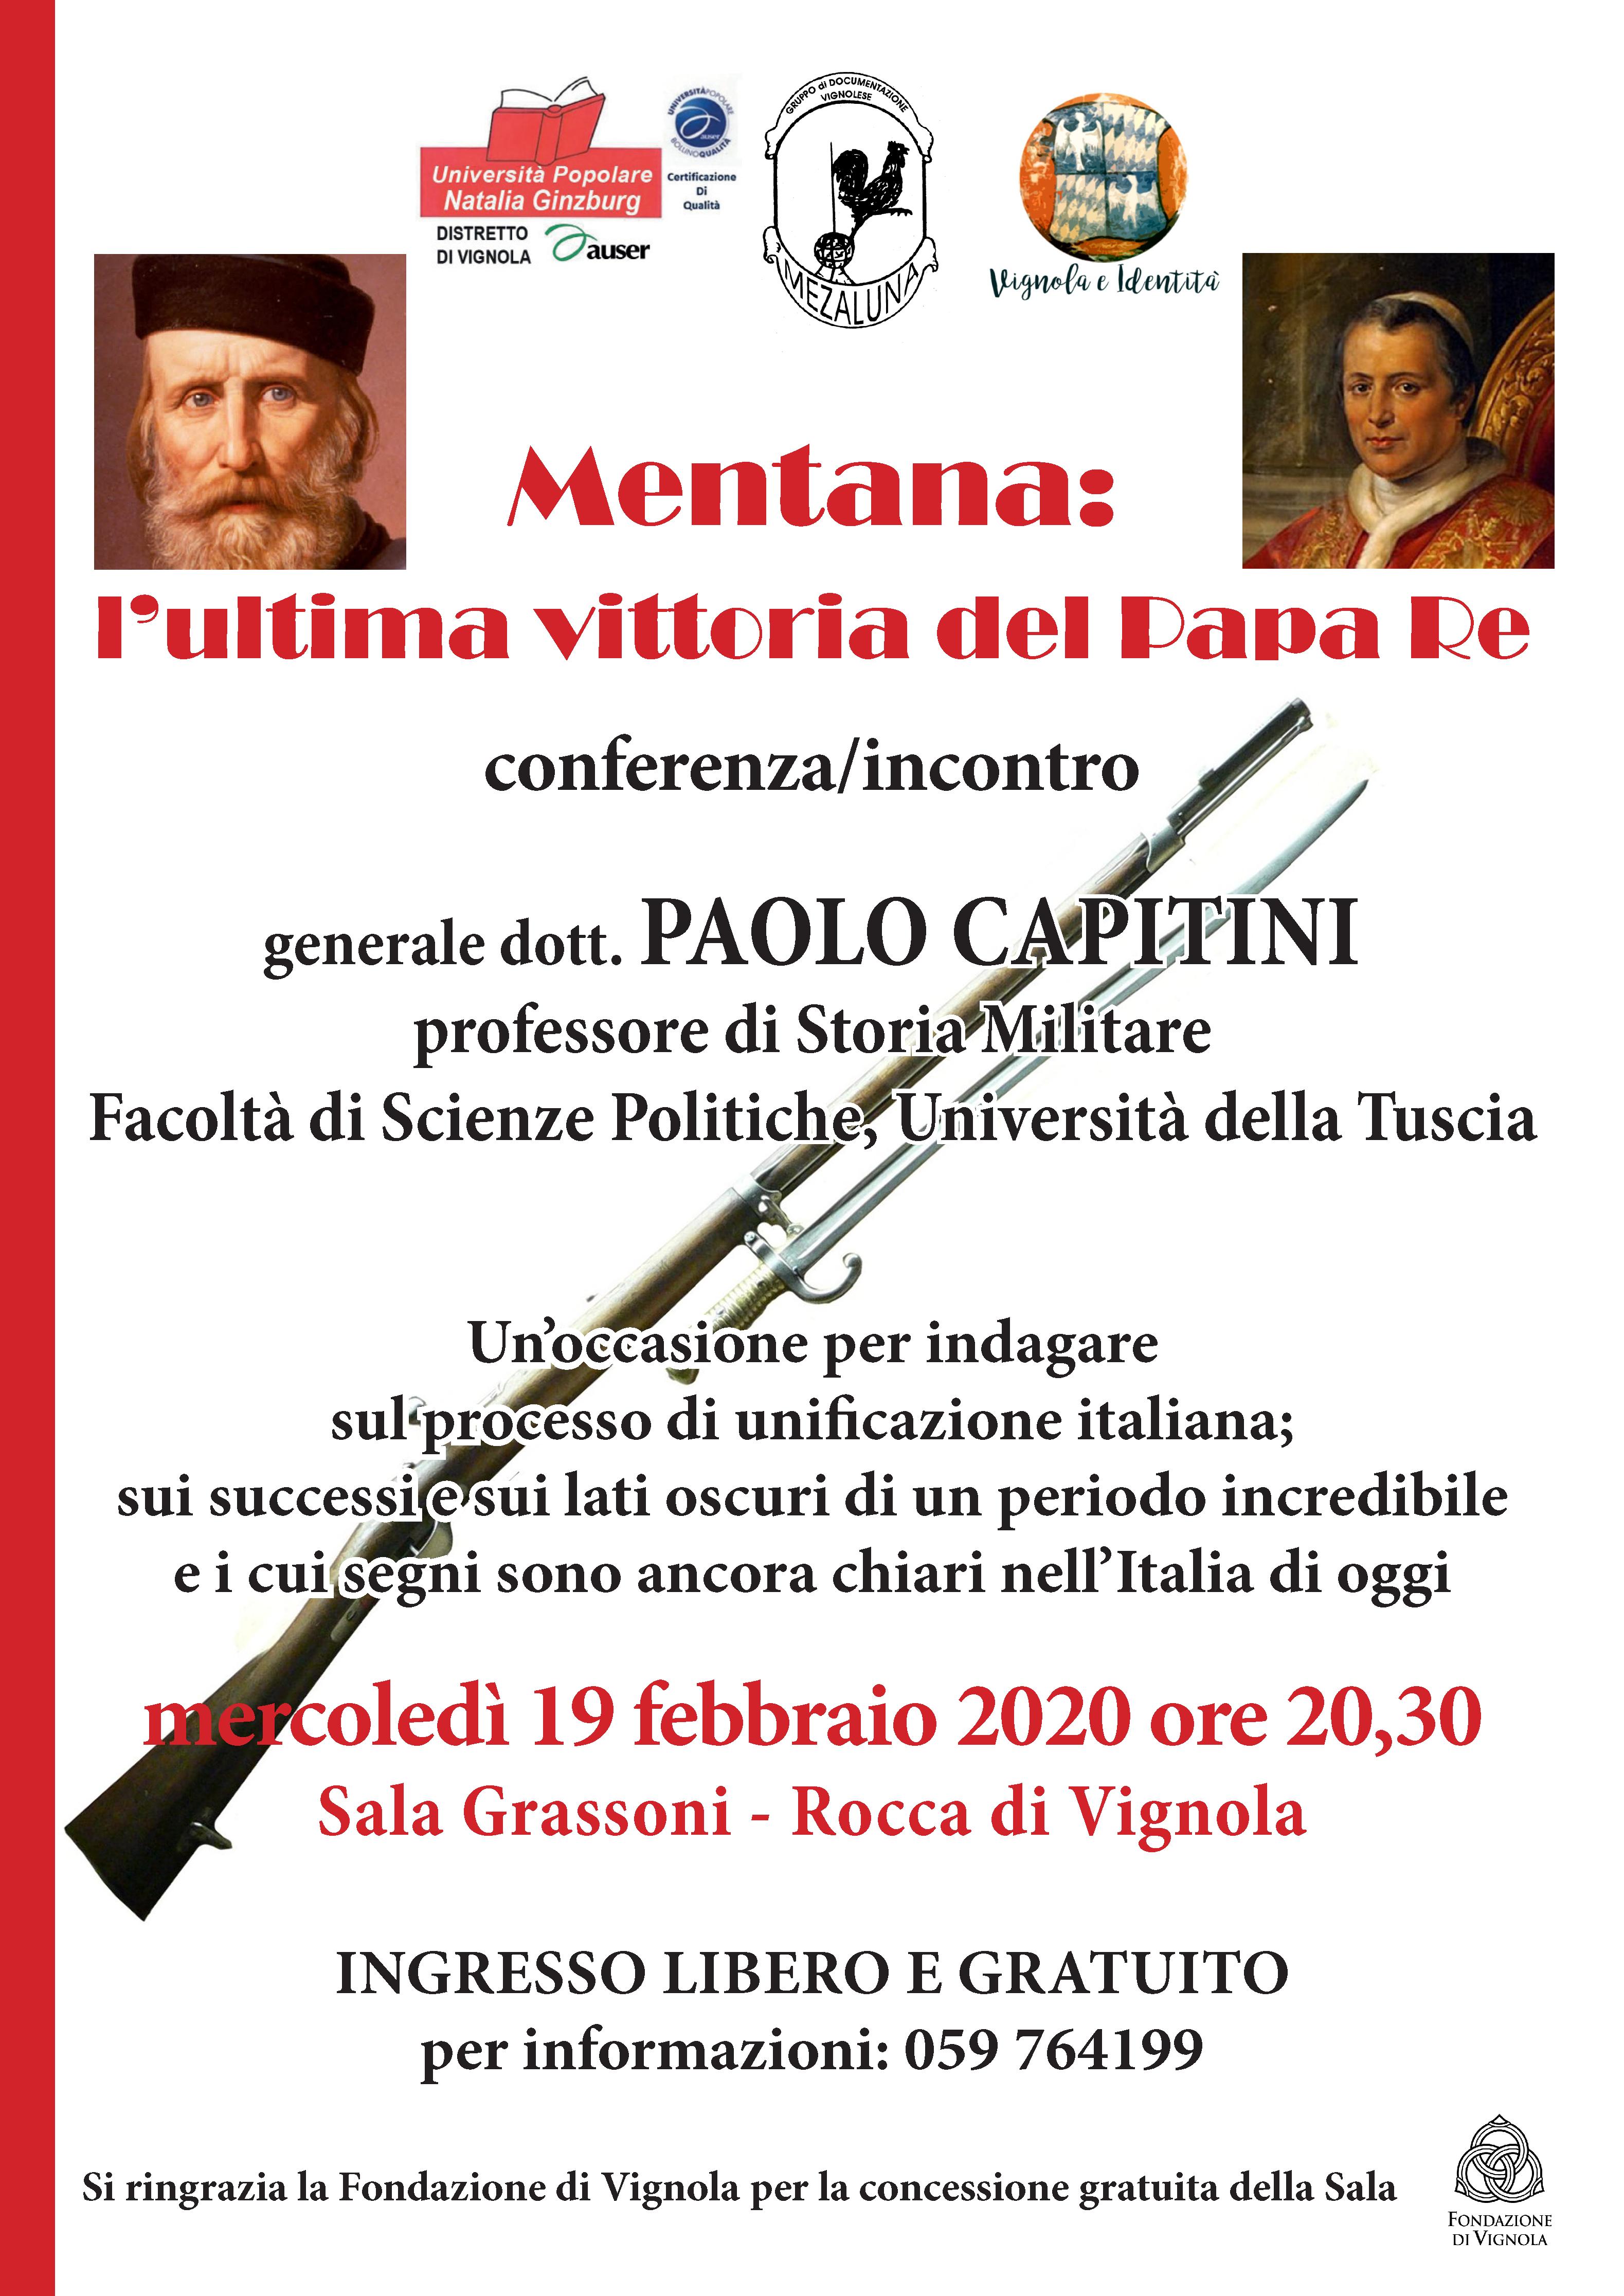 Volantino Mentana: l'ultima vittoria del papa re